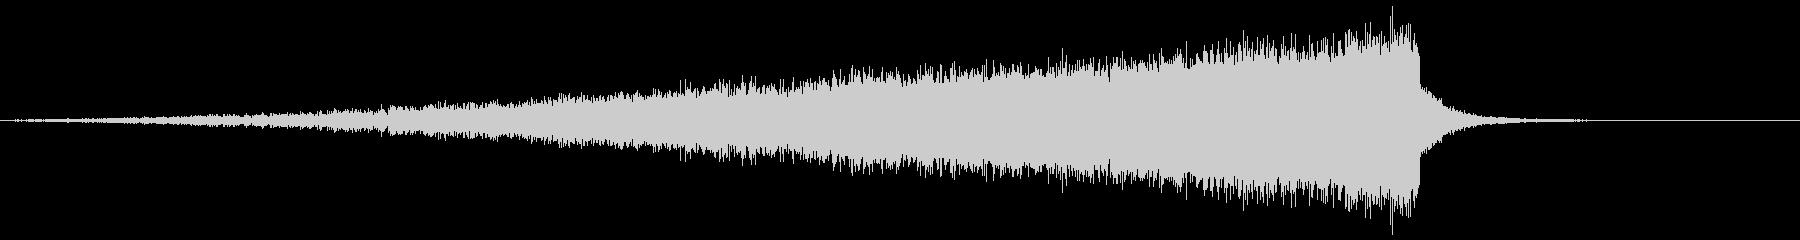 【ライザー】22 SFサウンドの未再生の波形